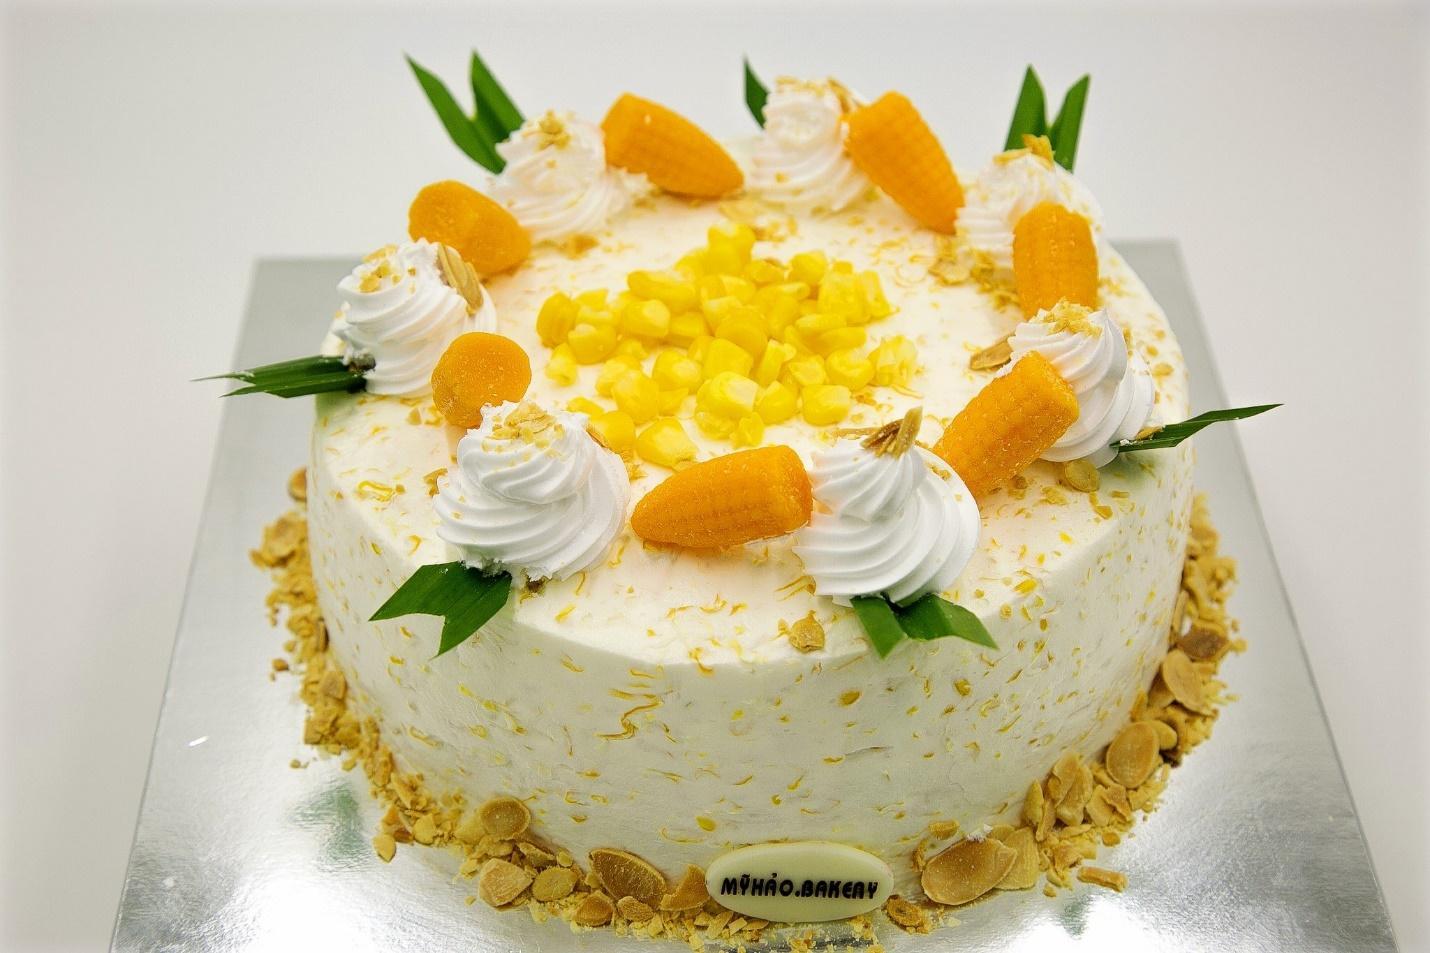 Những bí mật thú vị về chiếc bánh sinh nhật bắp mà không phải ai cũng biết